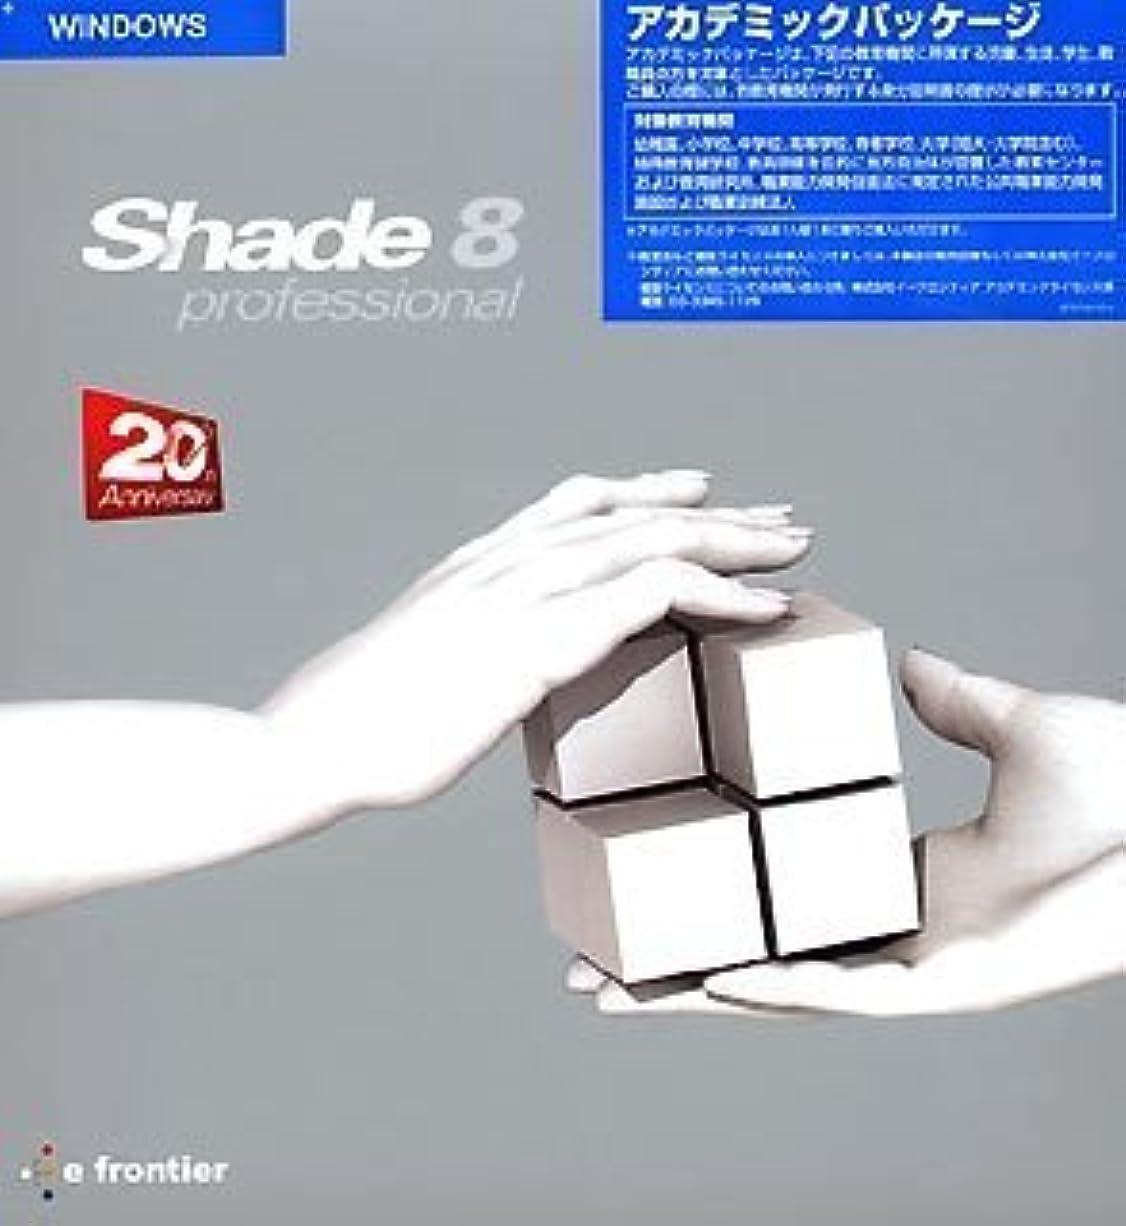 ケイ素ピケ倍増Shade 8 professional for Windows アカデミック版